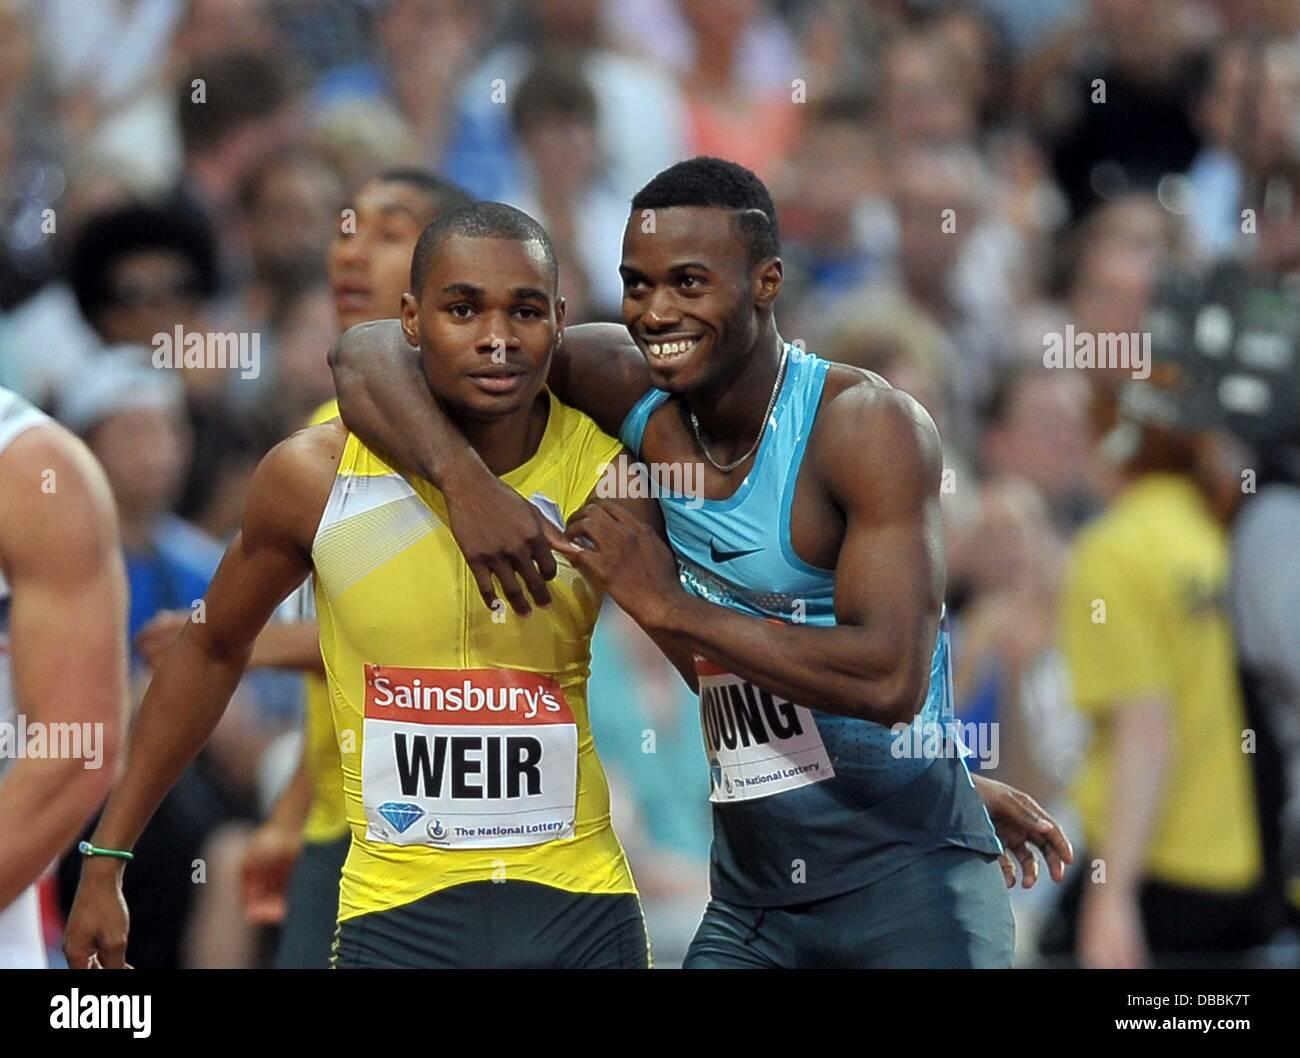 Diamond League race Jamaica in 200m with Weir and Jason